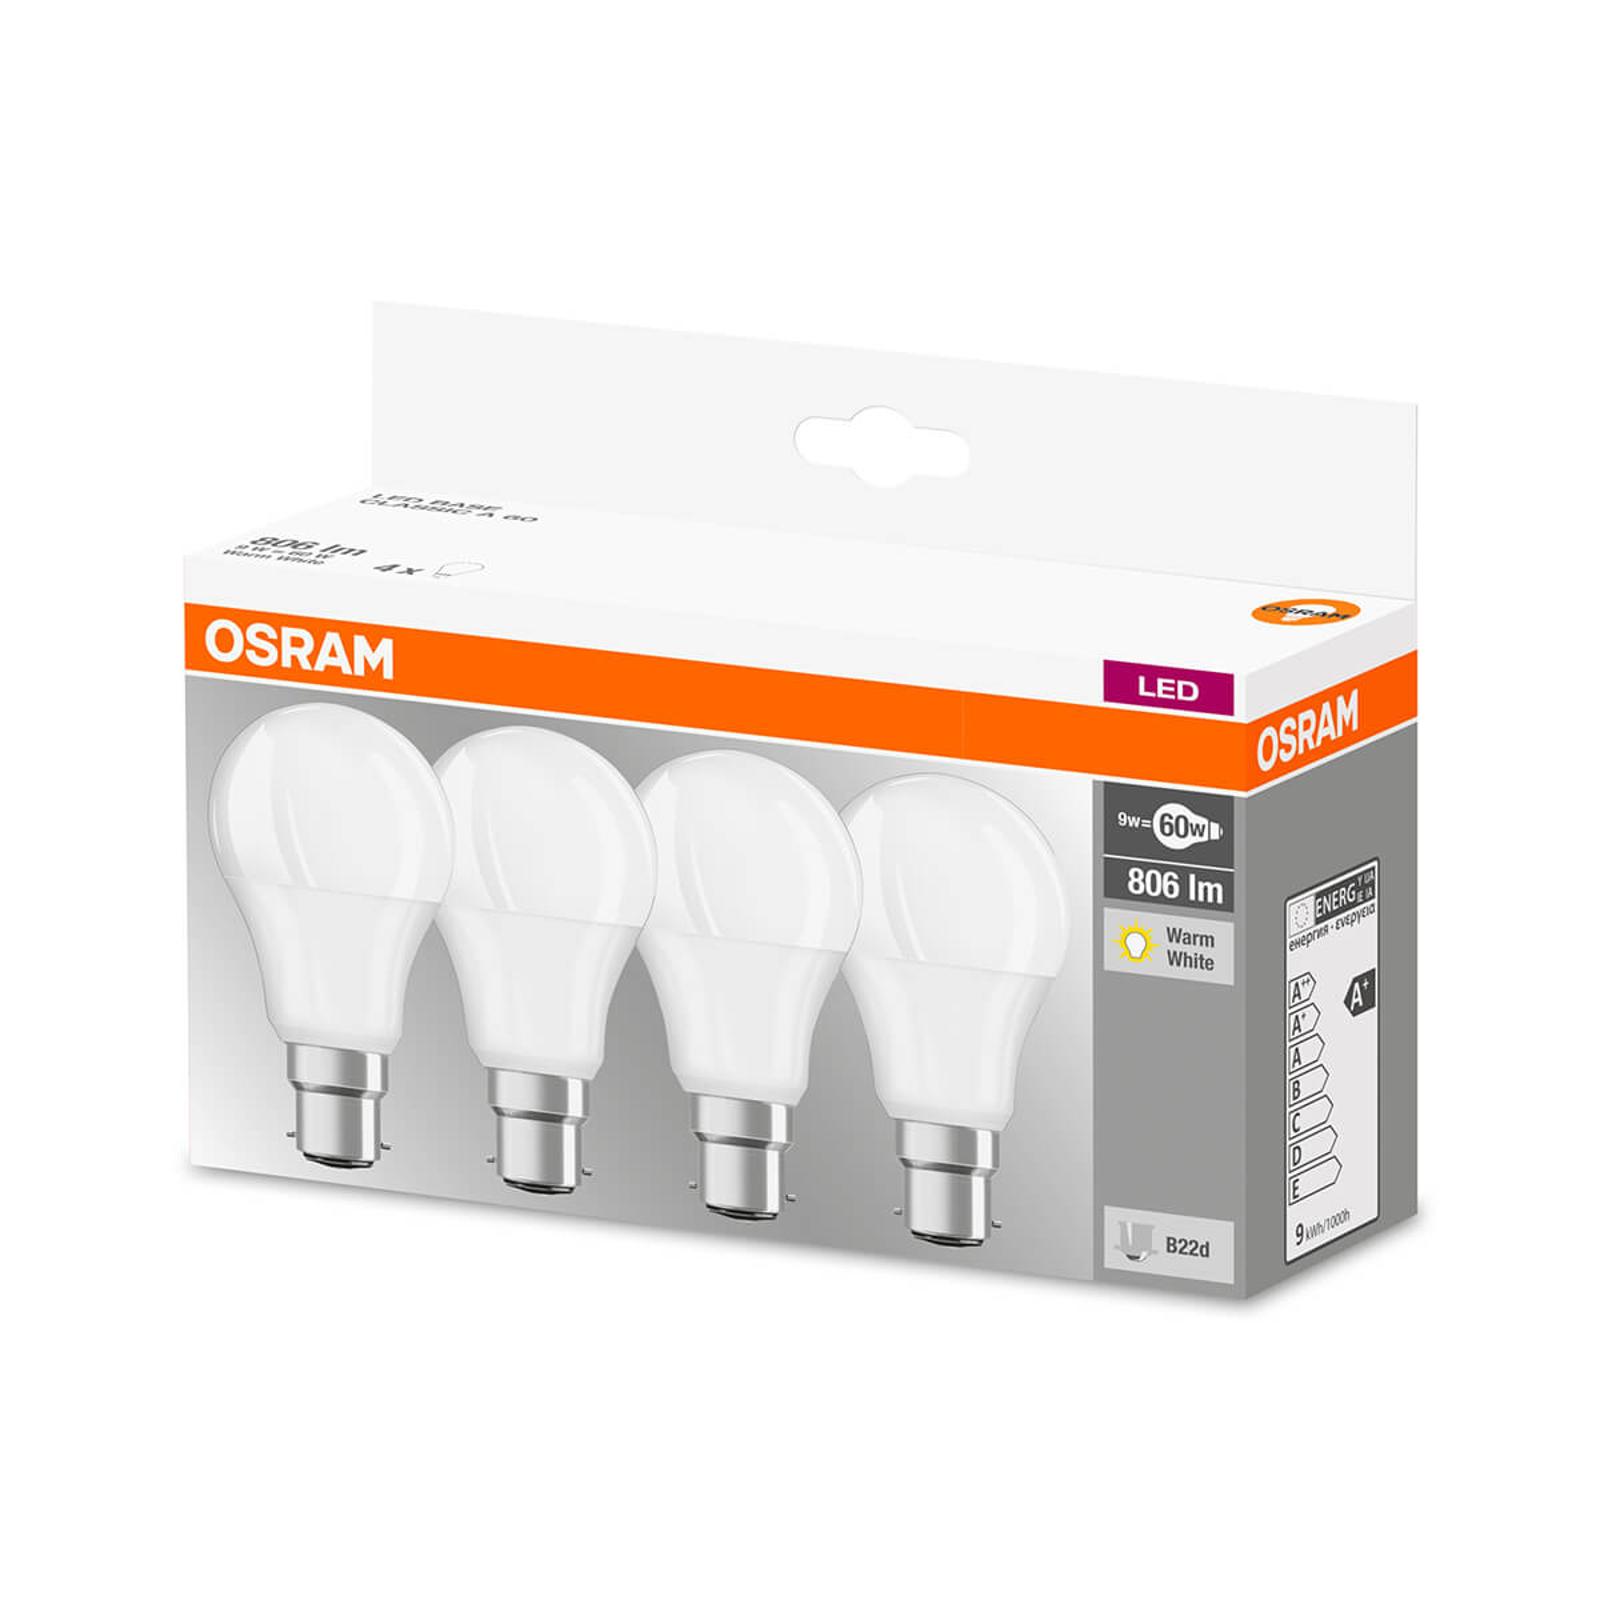 Lampadina LED B22d 9W, 806 lumen, set da 4